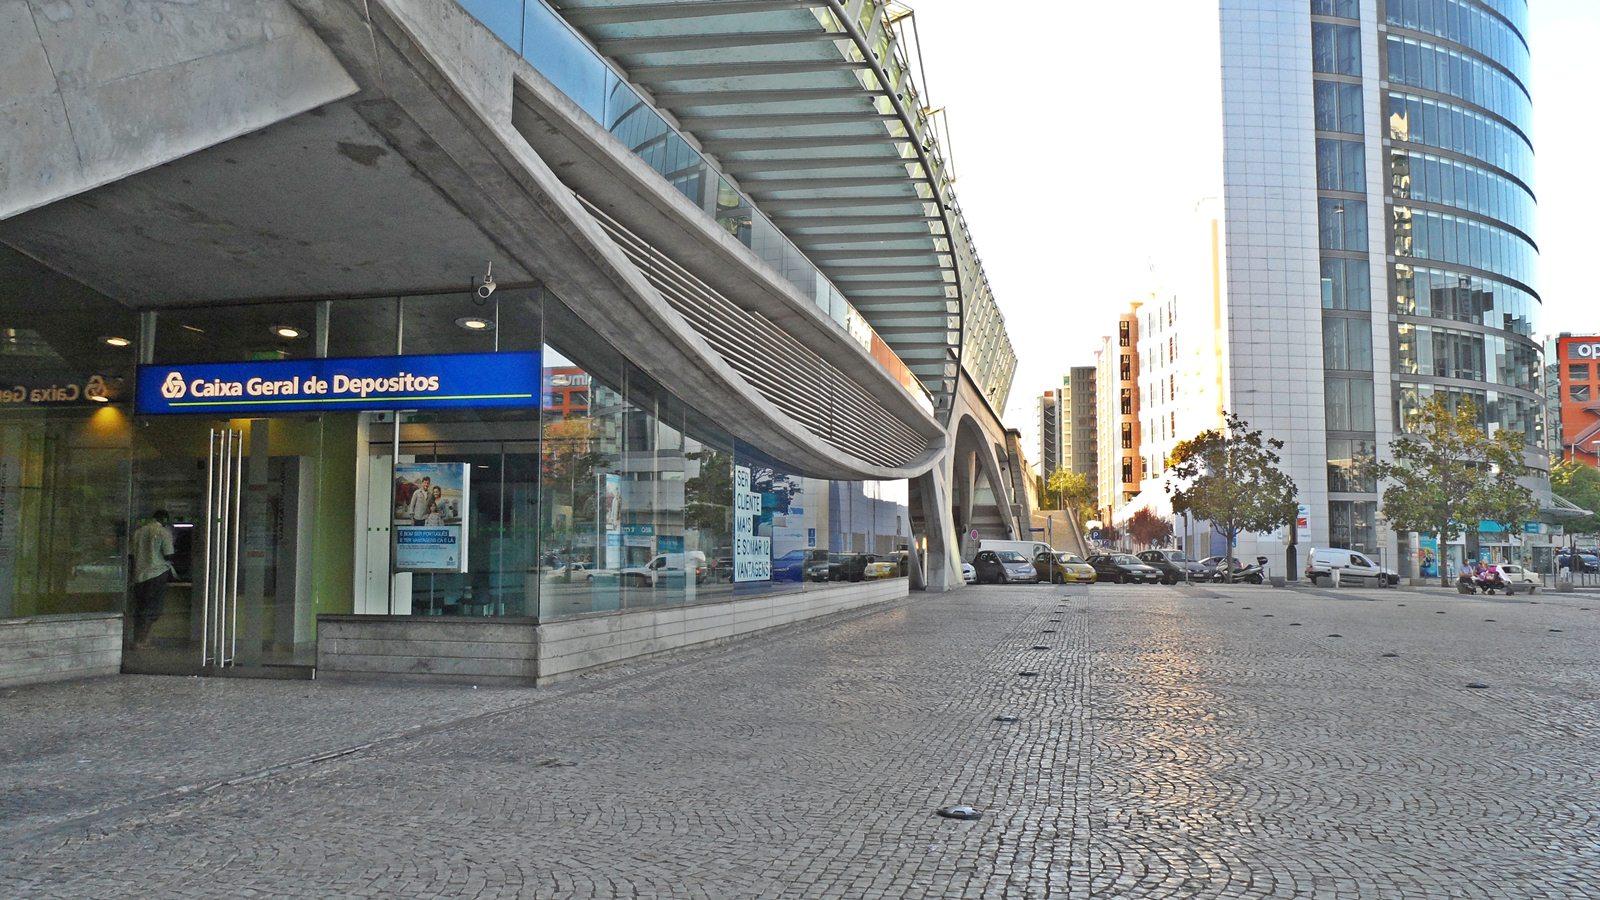 Cgd caixa geral de dep sitos bancos de portugal - Pisos banco caixa geral ...